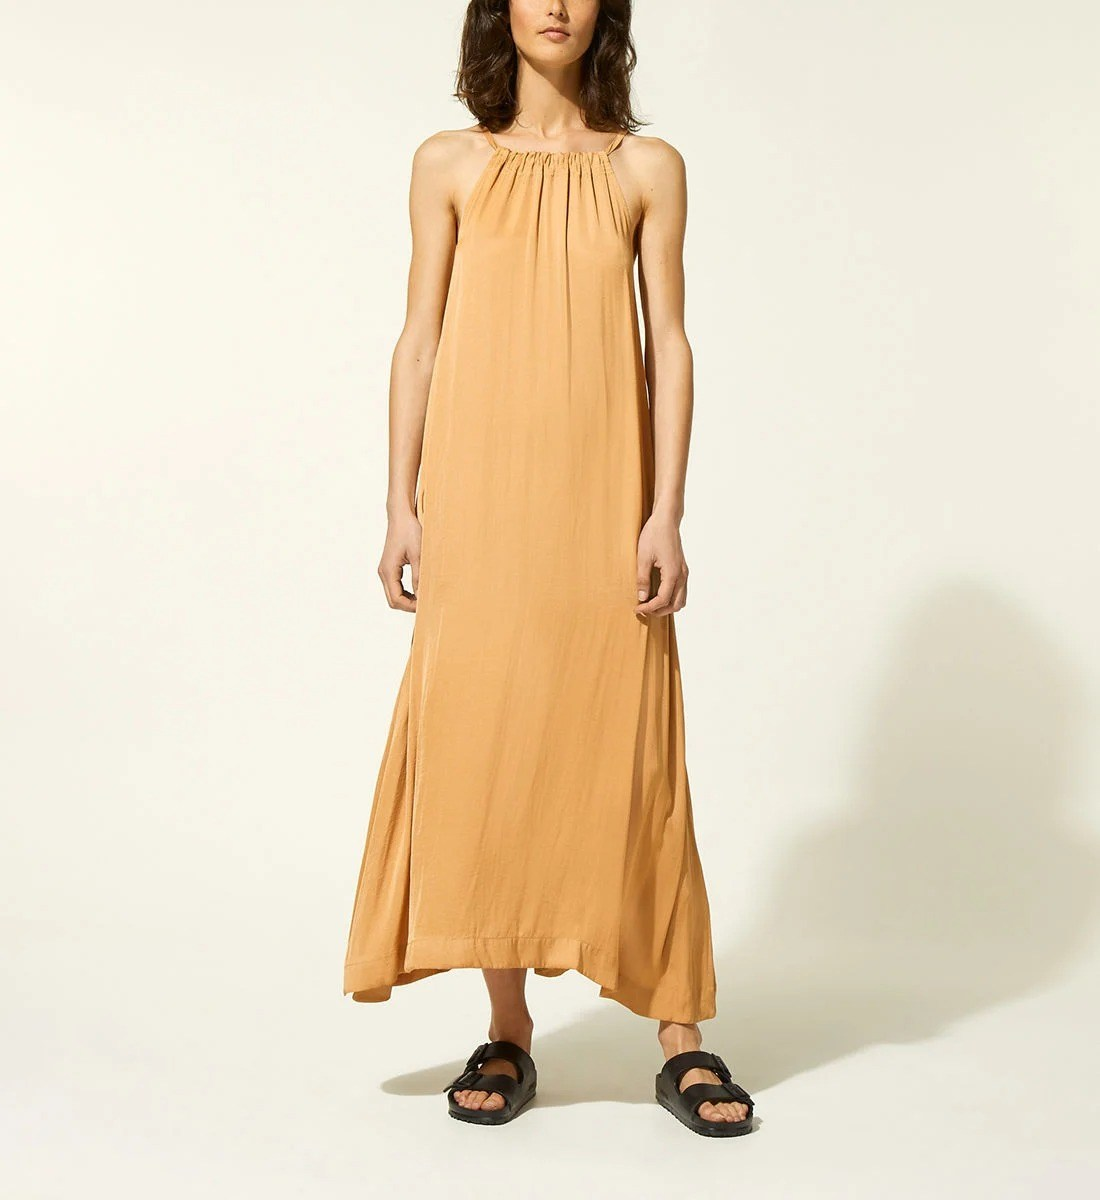 Robe longue à encolure américaine en 100% polyester, Galeries Lafayette, 34,99€ au lieu de 69,99 €.